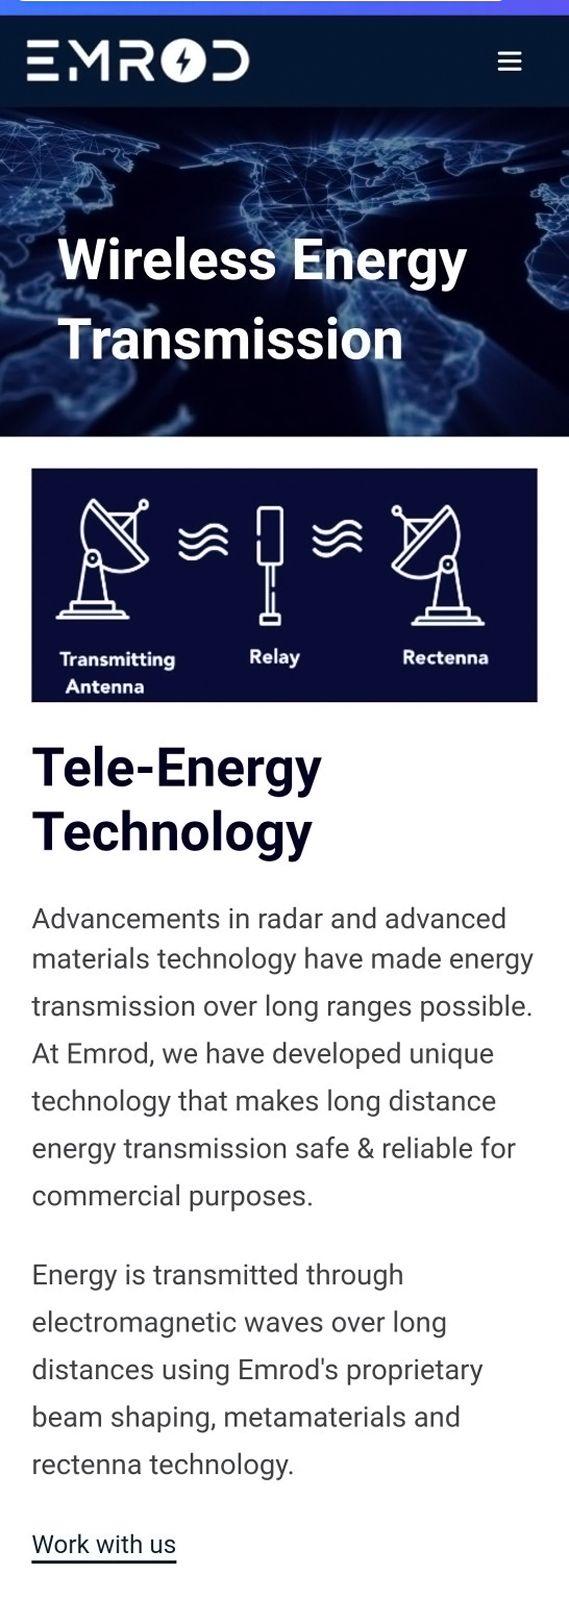 Télé-Energie